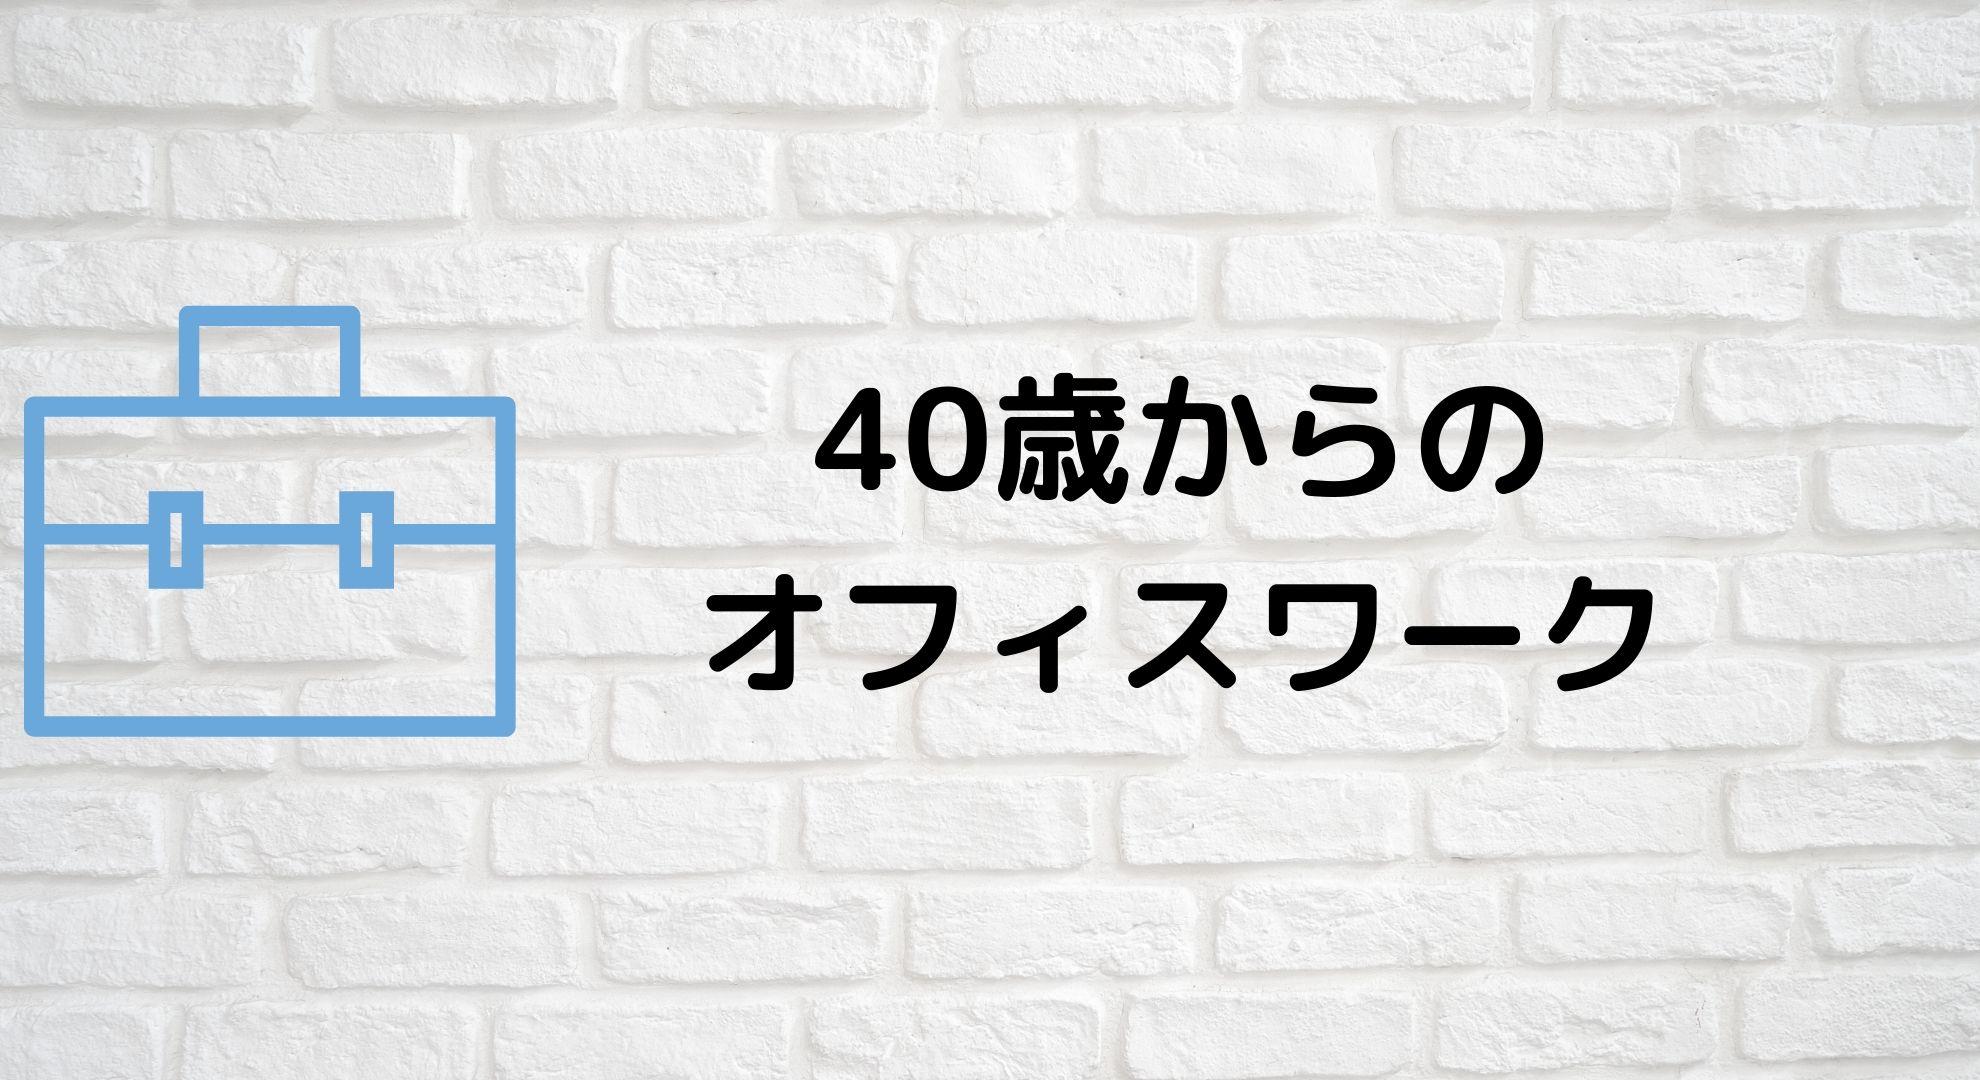 40代からの初めてのオフィスワーク。一週間で4万円ゲット!